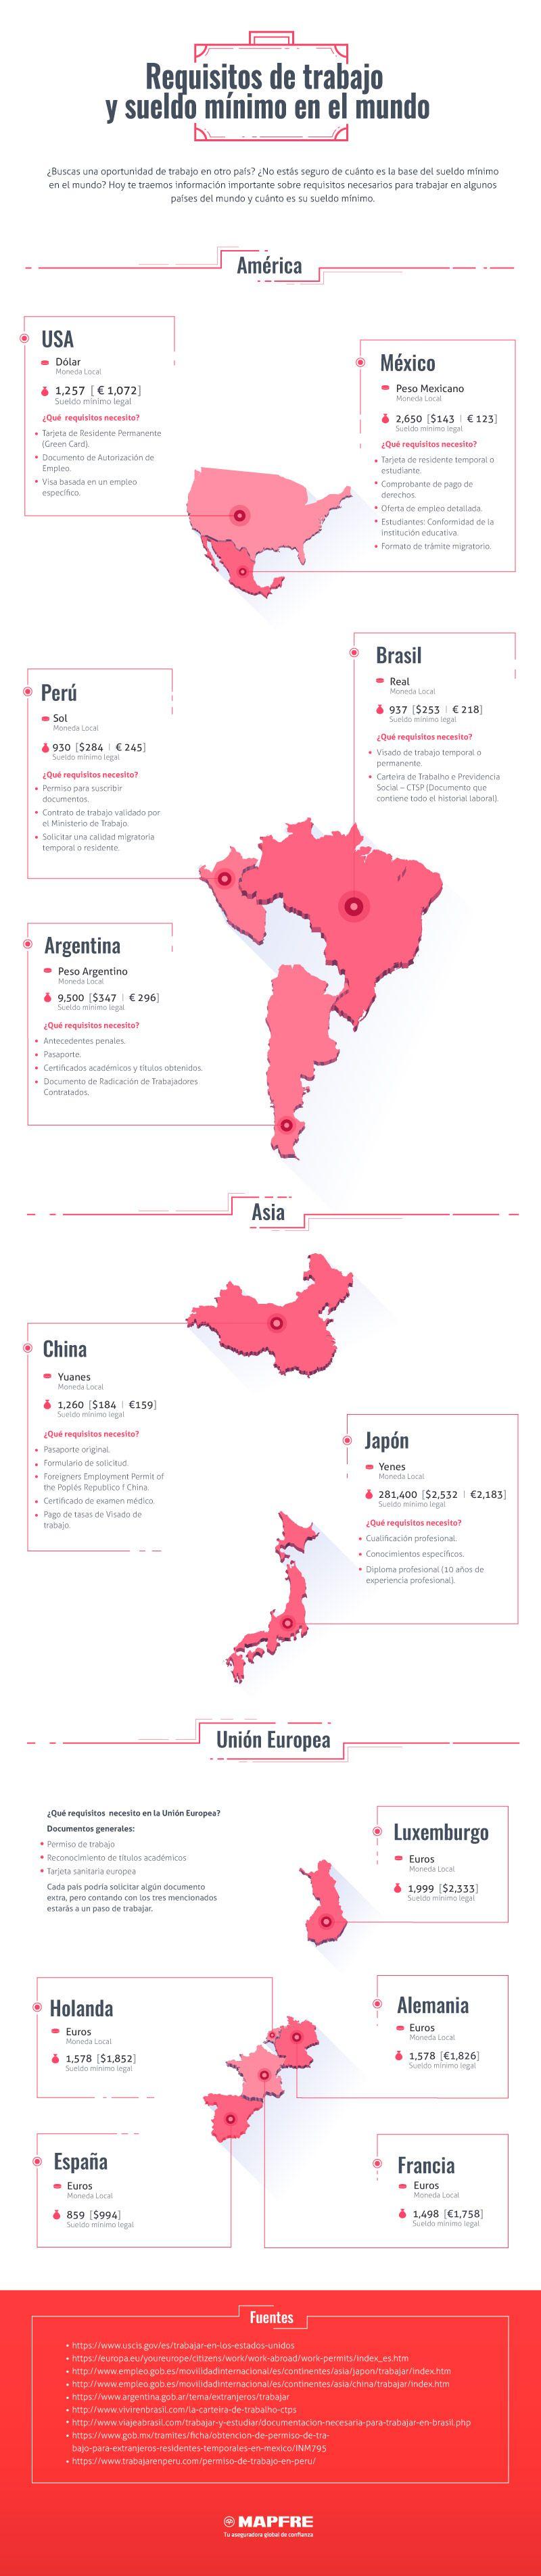 Salario mínimo en todo el mundo y requisitos de trabajo